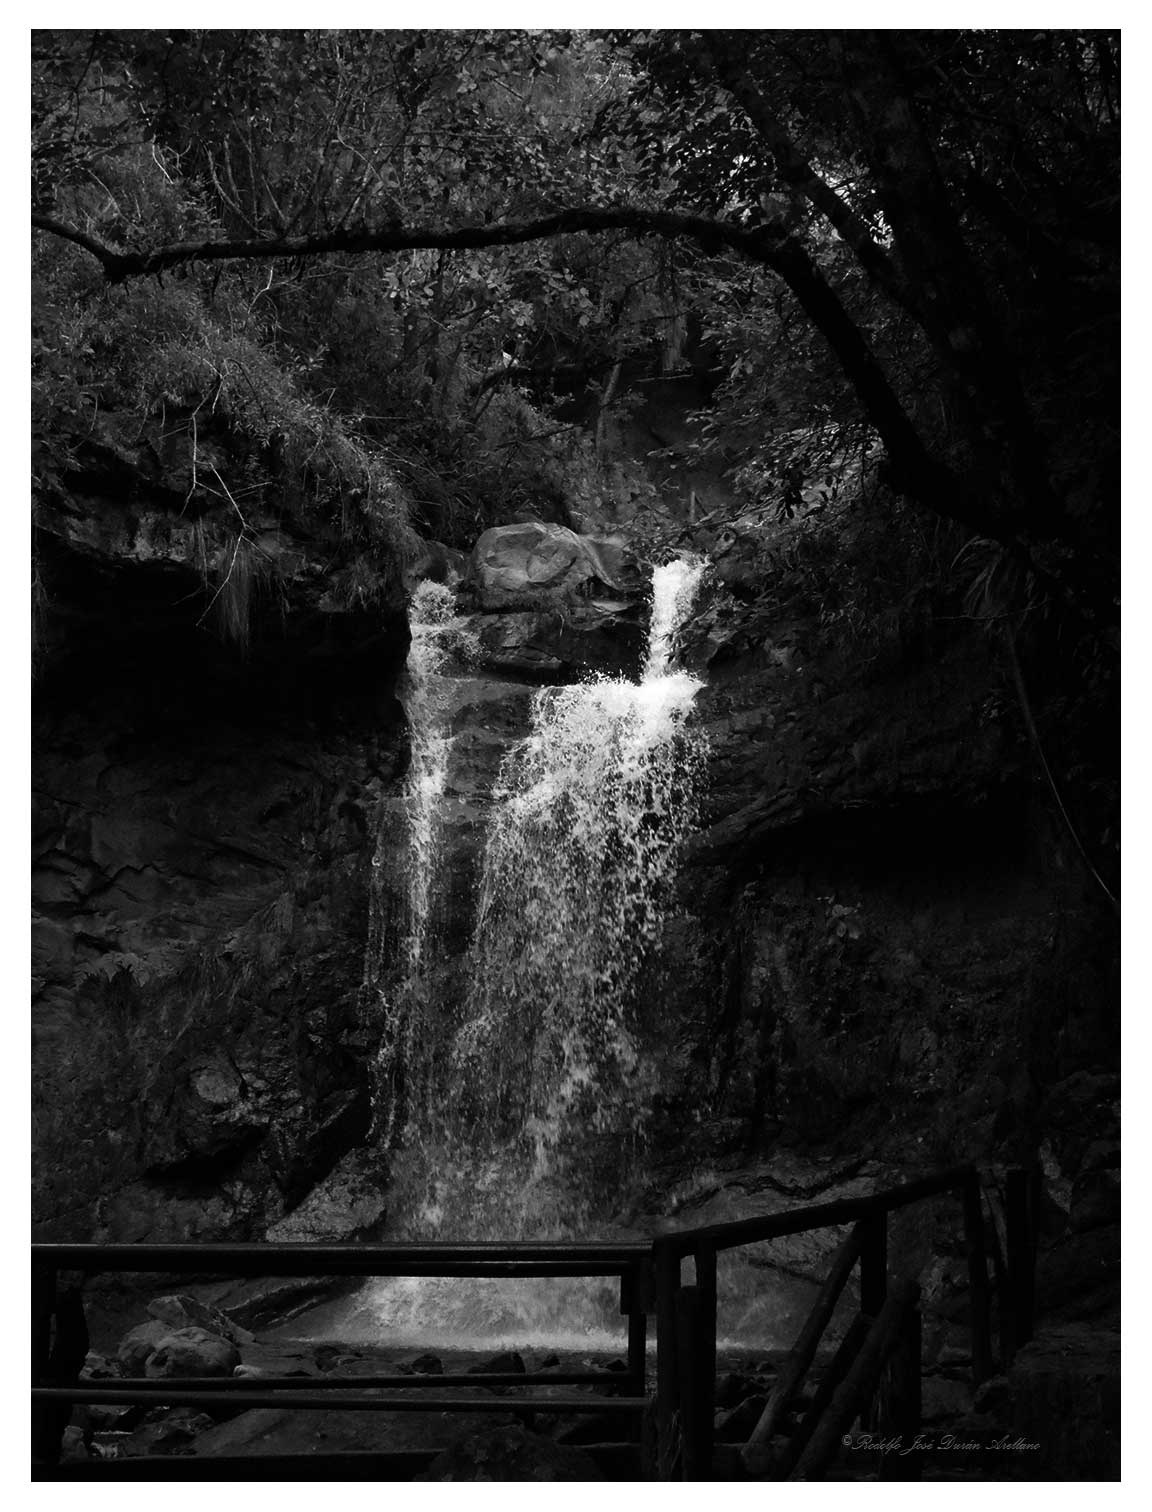 pequeña cascada 2...... by Rodolfo José Durán Arellano